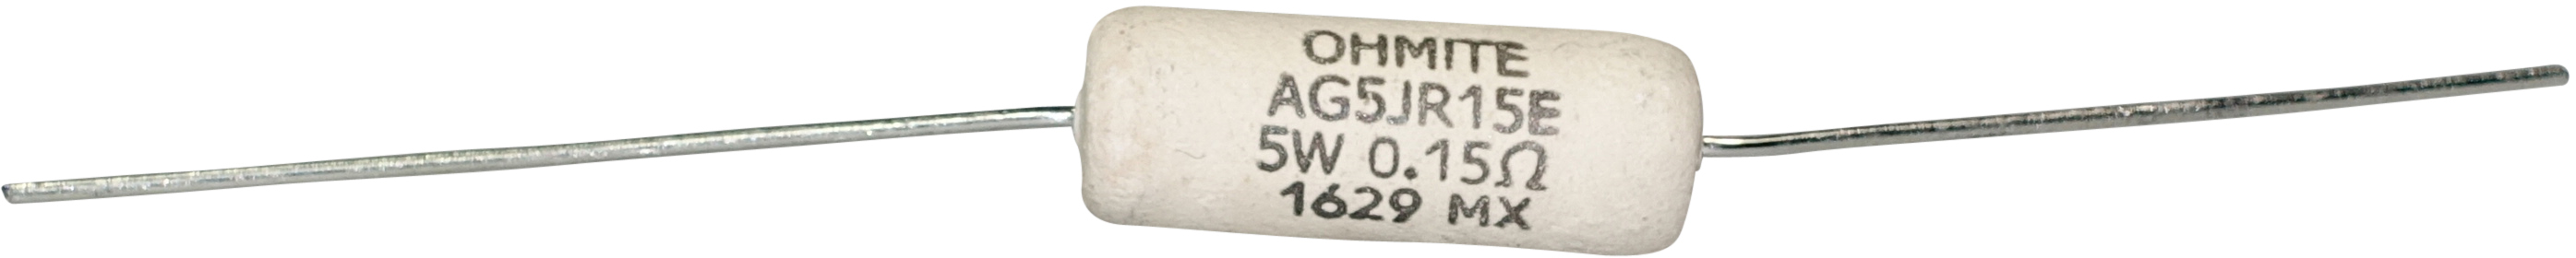 Ohmite Audio Gold 5W - 330 Ohm